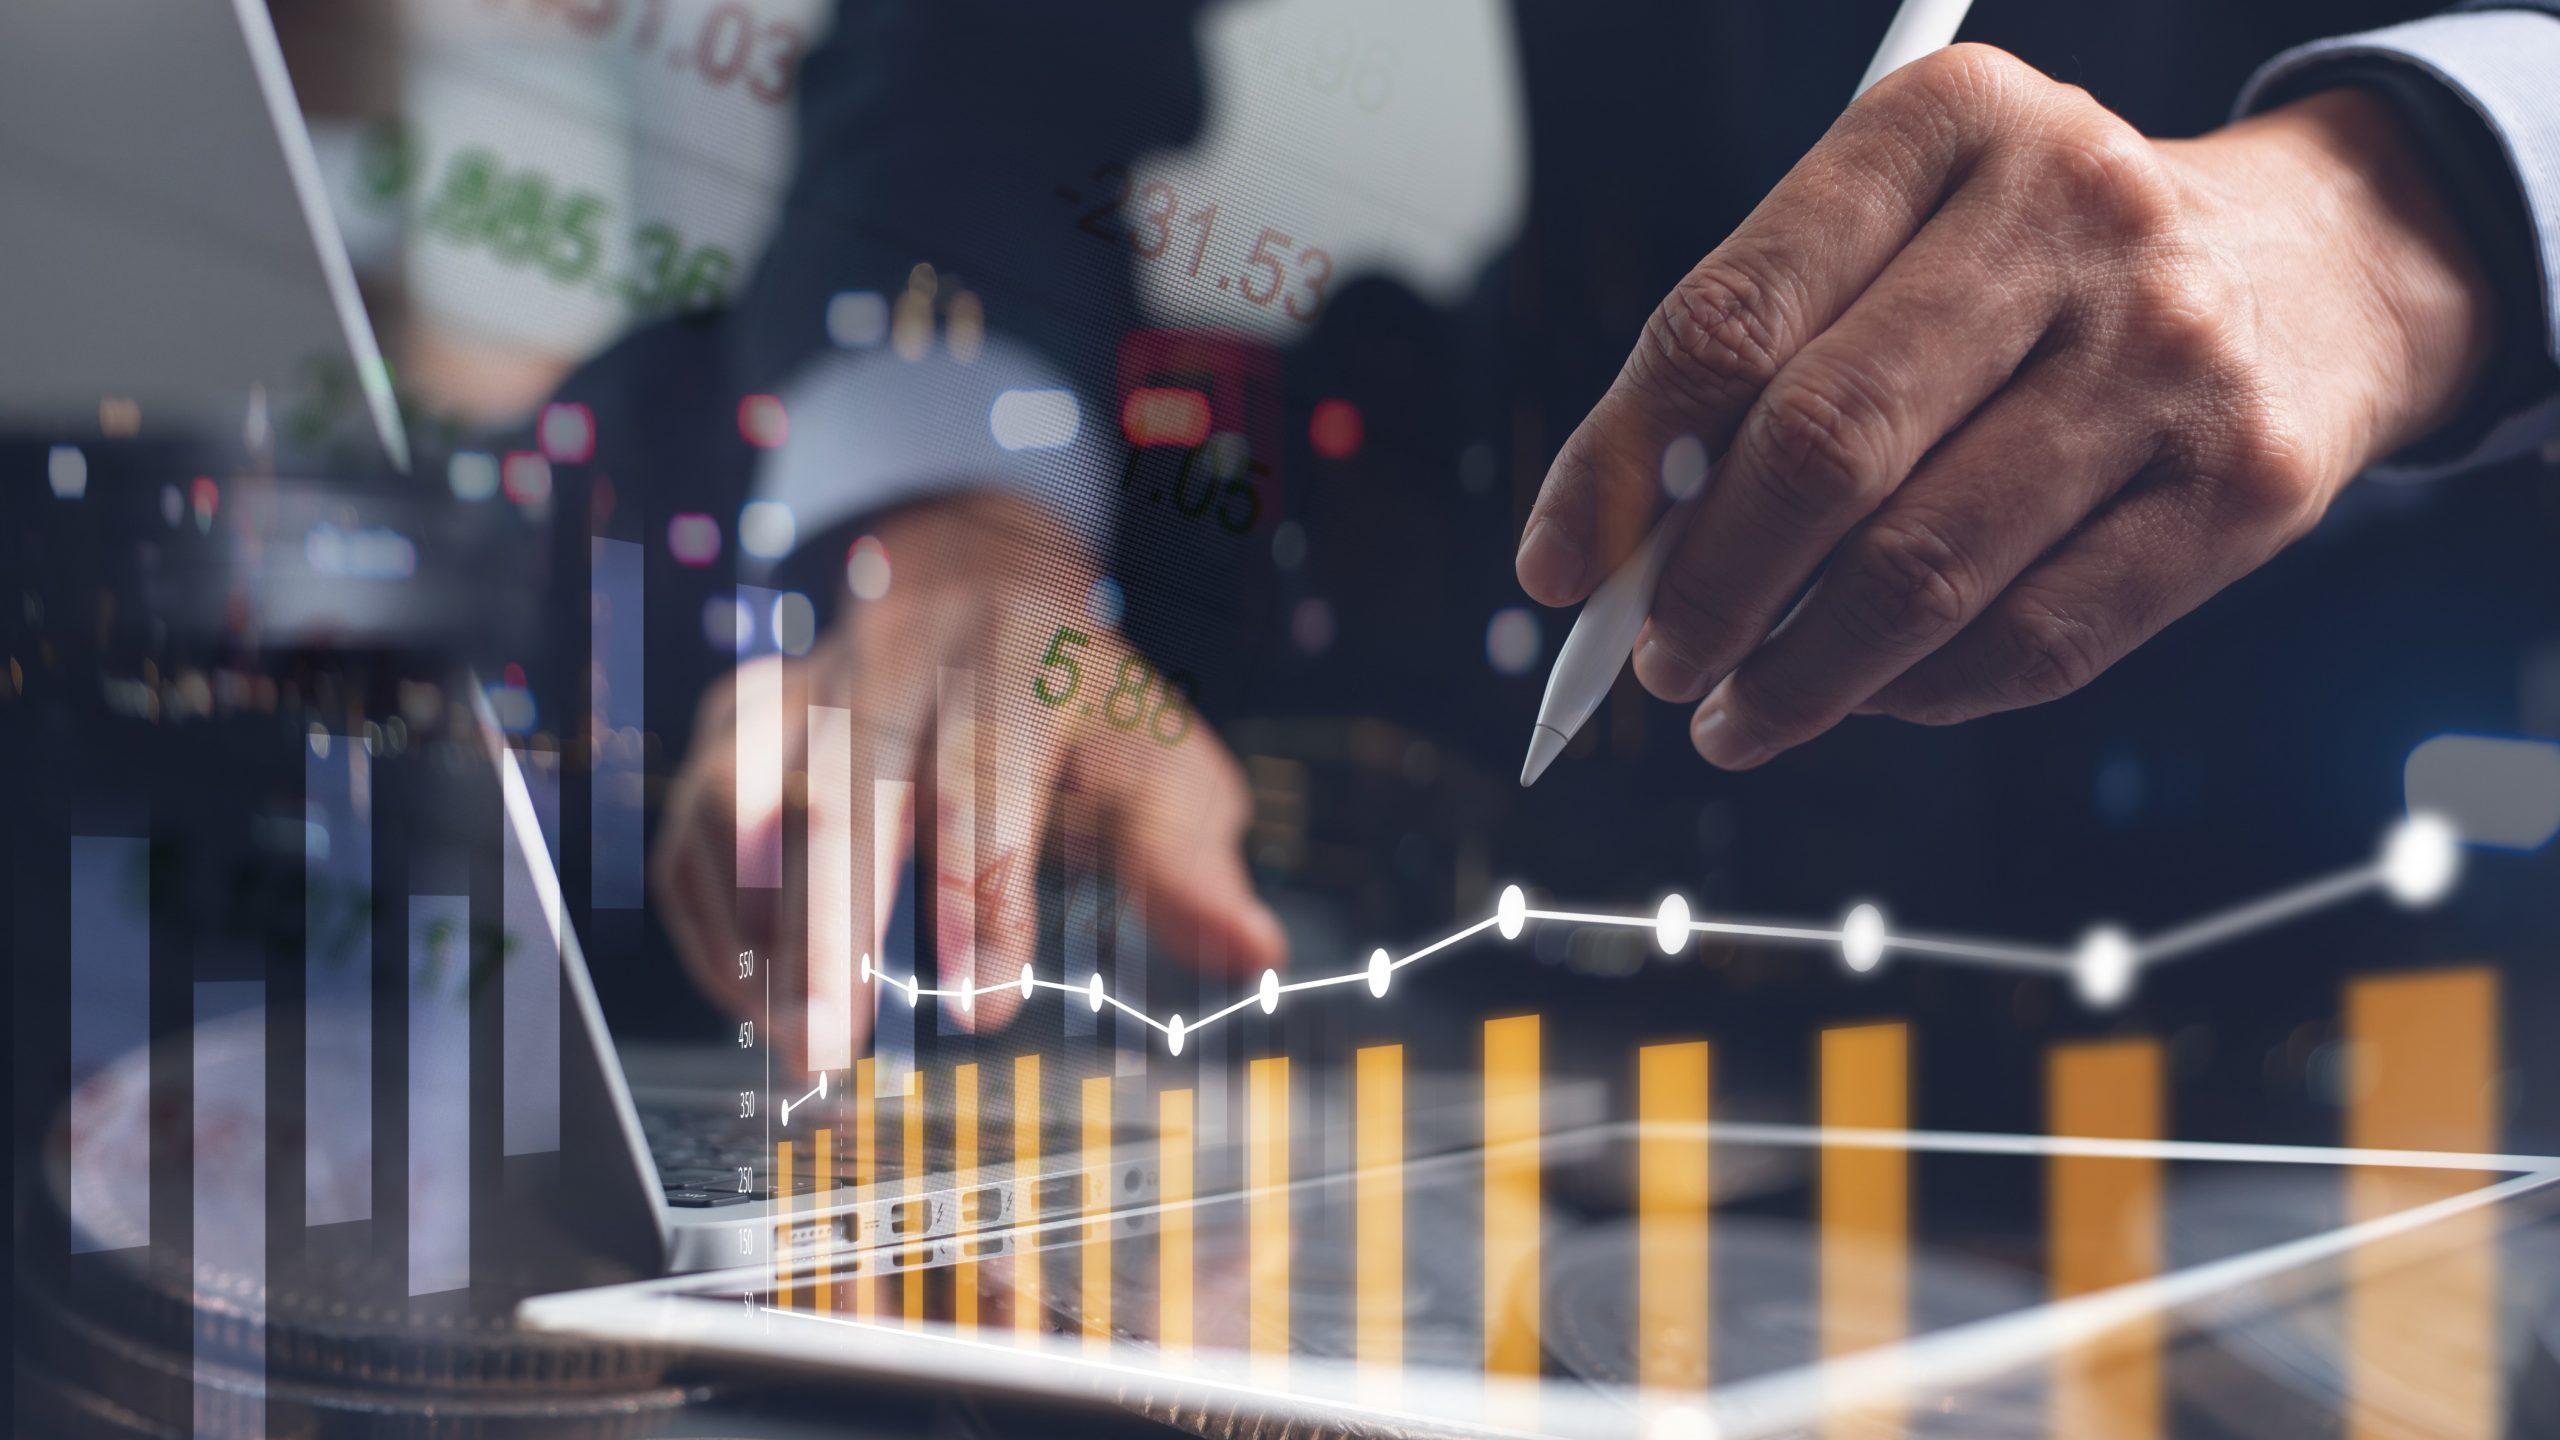 Chuyển đổi số thực sự mang lại rất nhiều lợi ích cho mọi mặt hoạt động của doanh nghiệp.